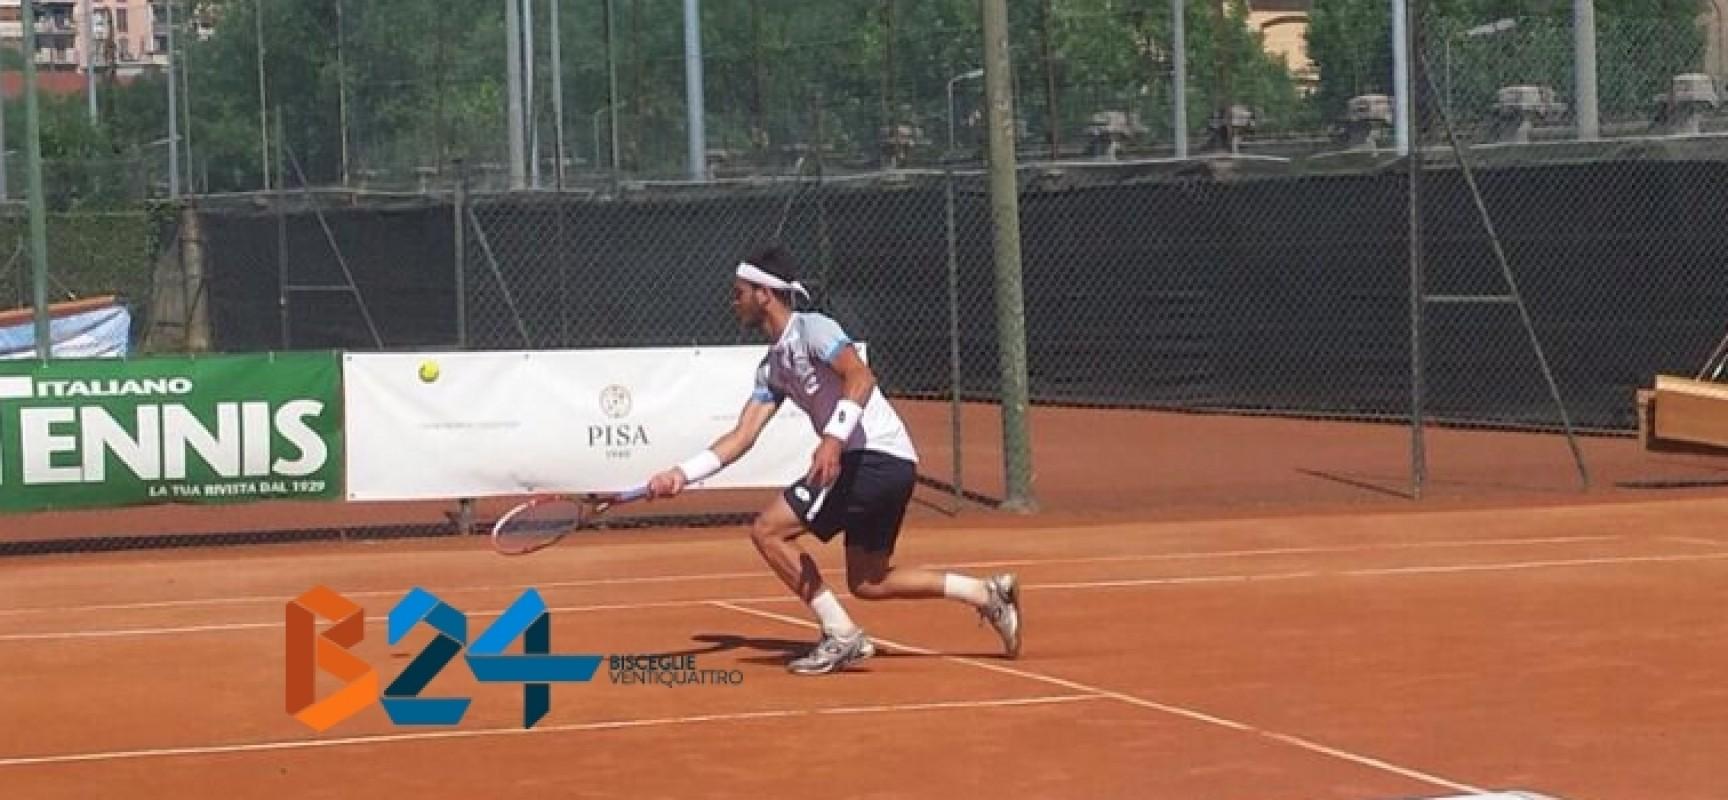 Tennis, l'avventura di Pellegrino all'ITF di Bergamo si conclude in semifinale